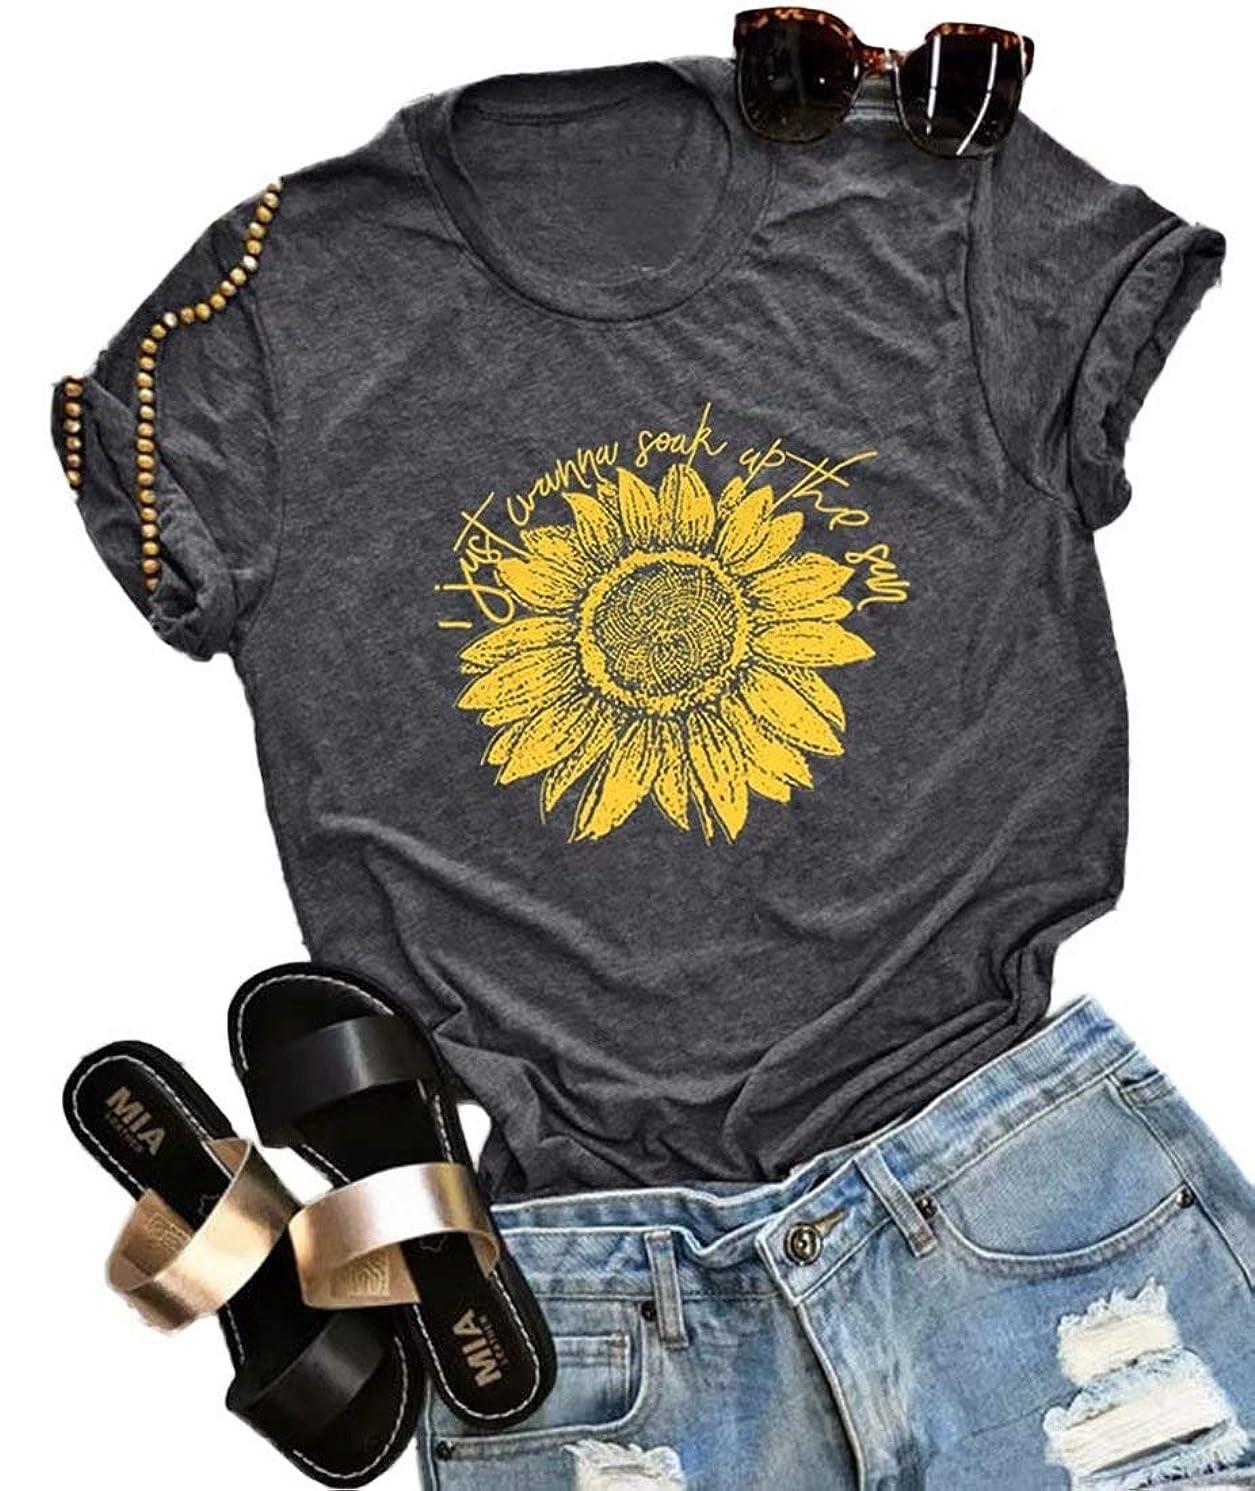 I Just Wanna Soak Up The Sun Sunflower T-Shirt Women Cute Funny Graphic Tee Teen Girls Casual Short Sleeve Shirt Tops